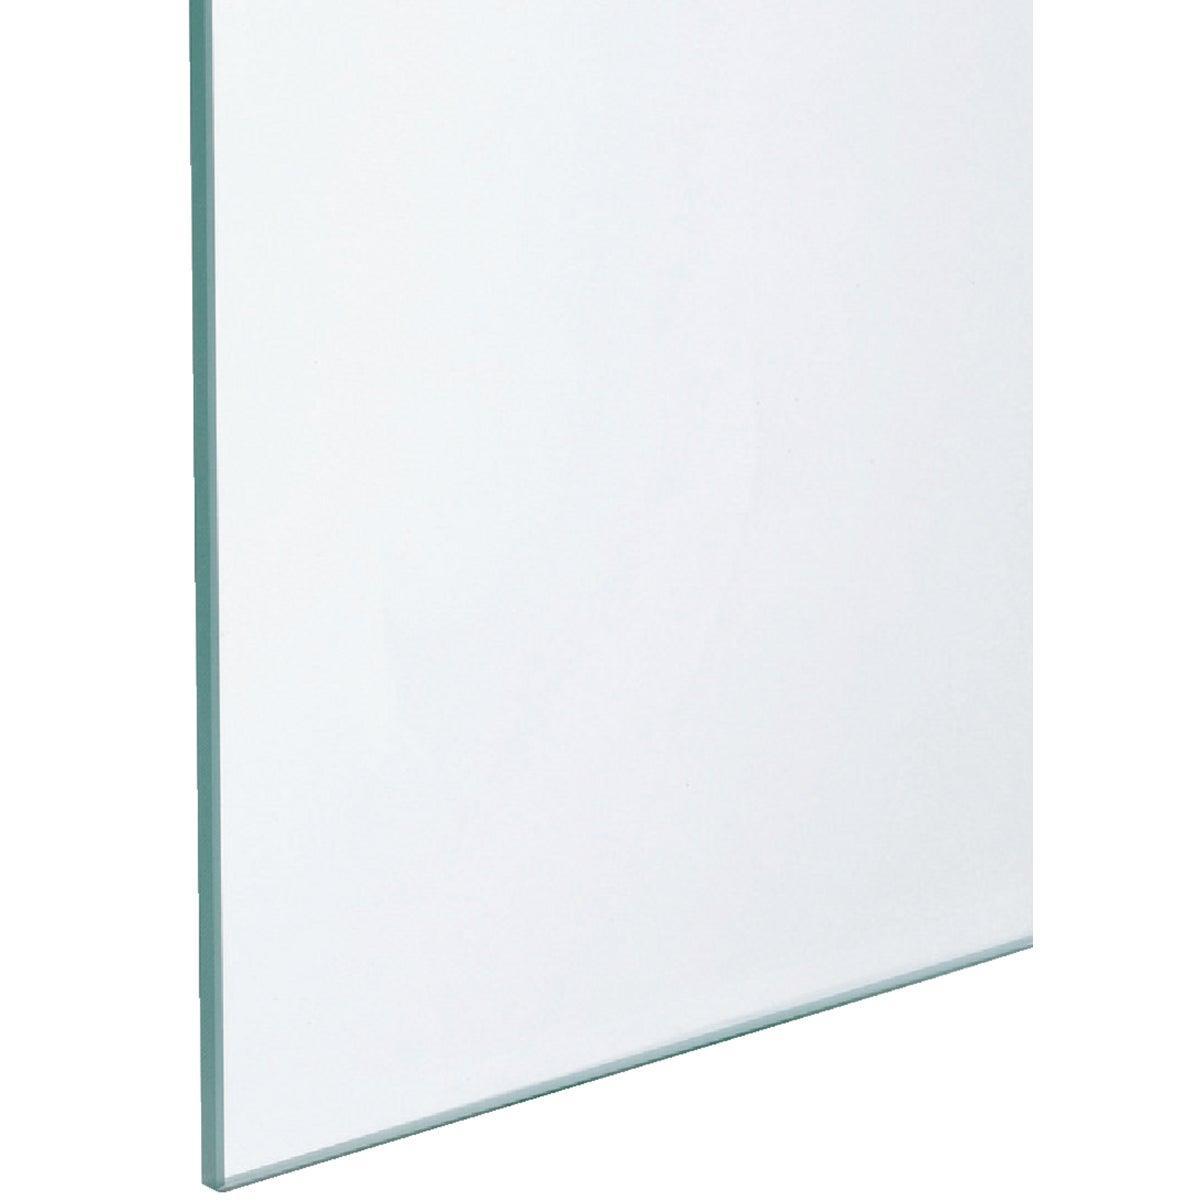 24X34SSB WINDOW GLASS 9